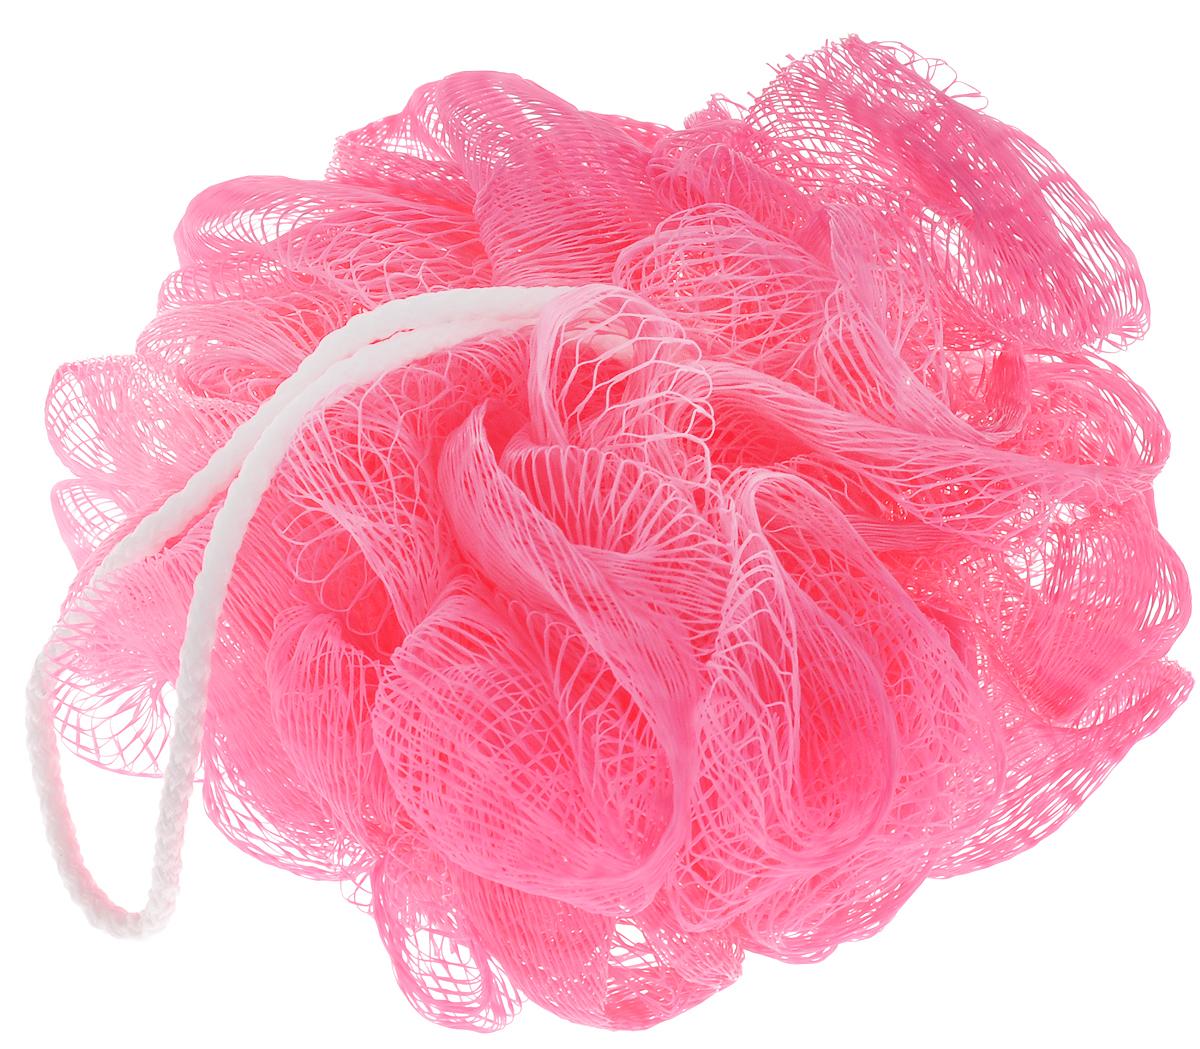 Мочалка Fun Fresh Хамелеон, цвет: розовый, диаметр 8 см1.12Мочалка Fun Fresh Хамелеон, выполненная из нейлона, предназначена для мягкого очищения кожи. Она станет незаменимым аксессуаром ванной комнаты. Мочалка отлично пенится, обладает легким массажным воздействием, идеально подходит для нежной и чувствительной кожи. На мочалке имеется удобная петля для подвешивания. Диаметр: 8 см.